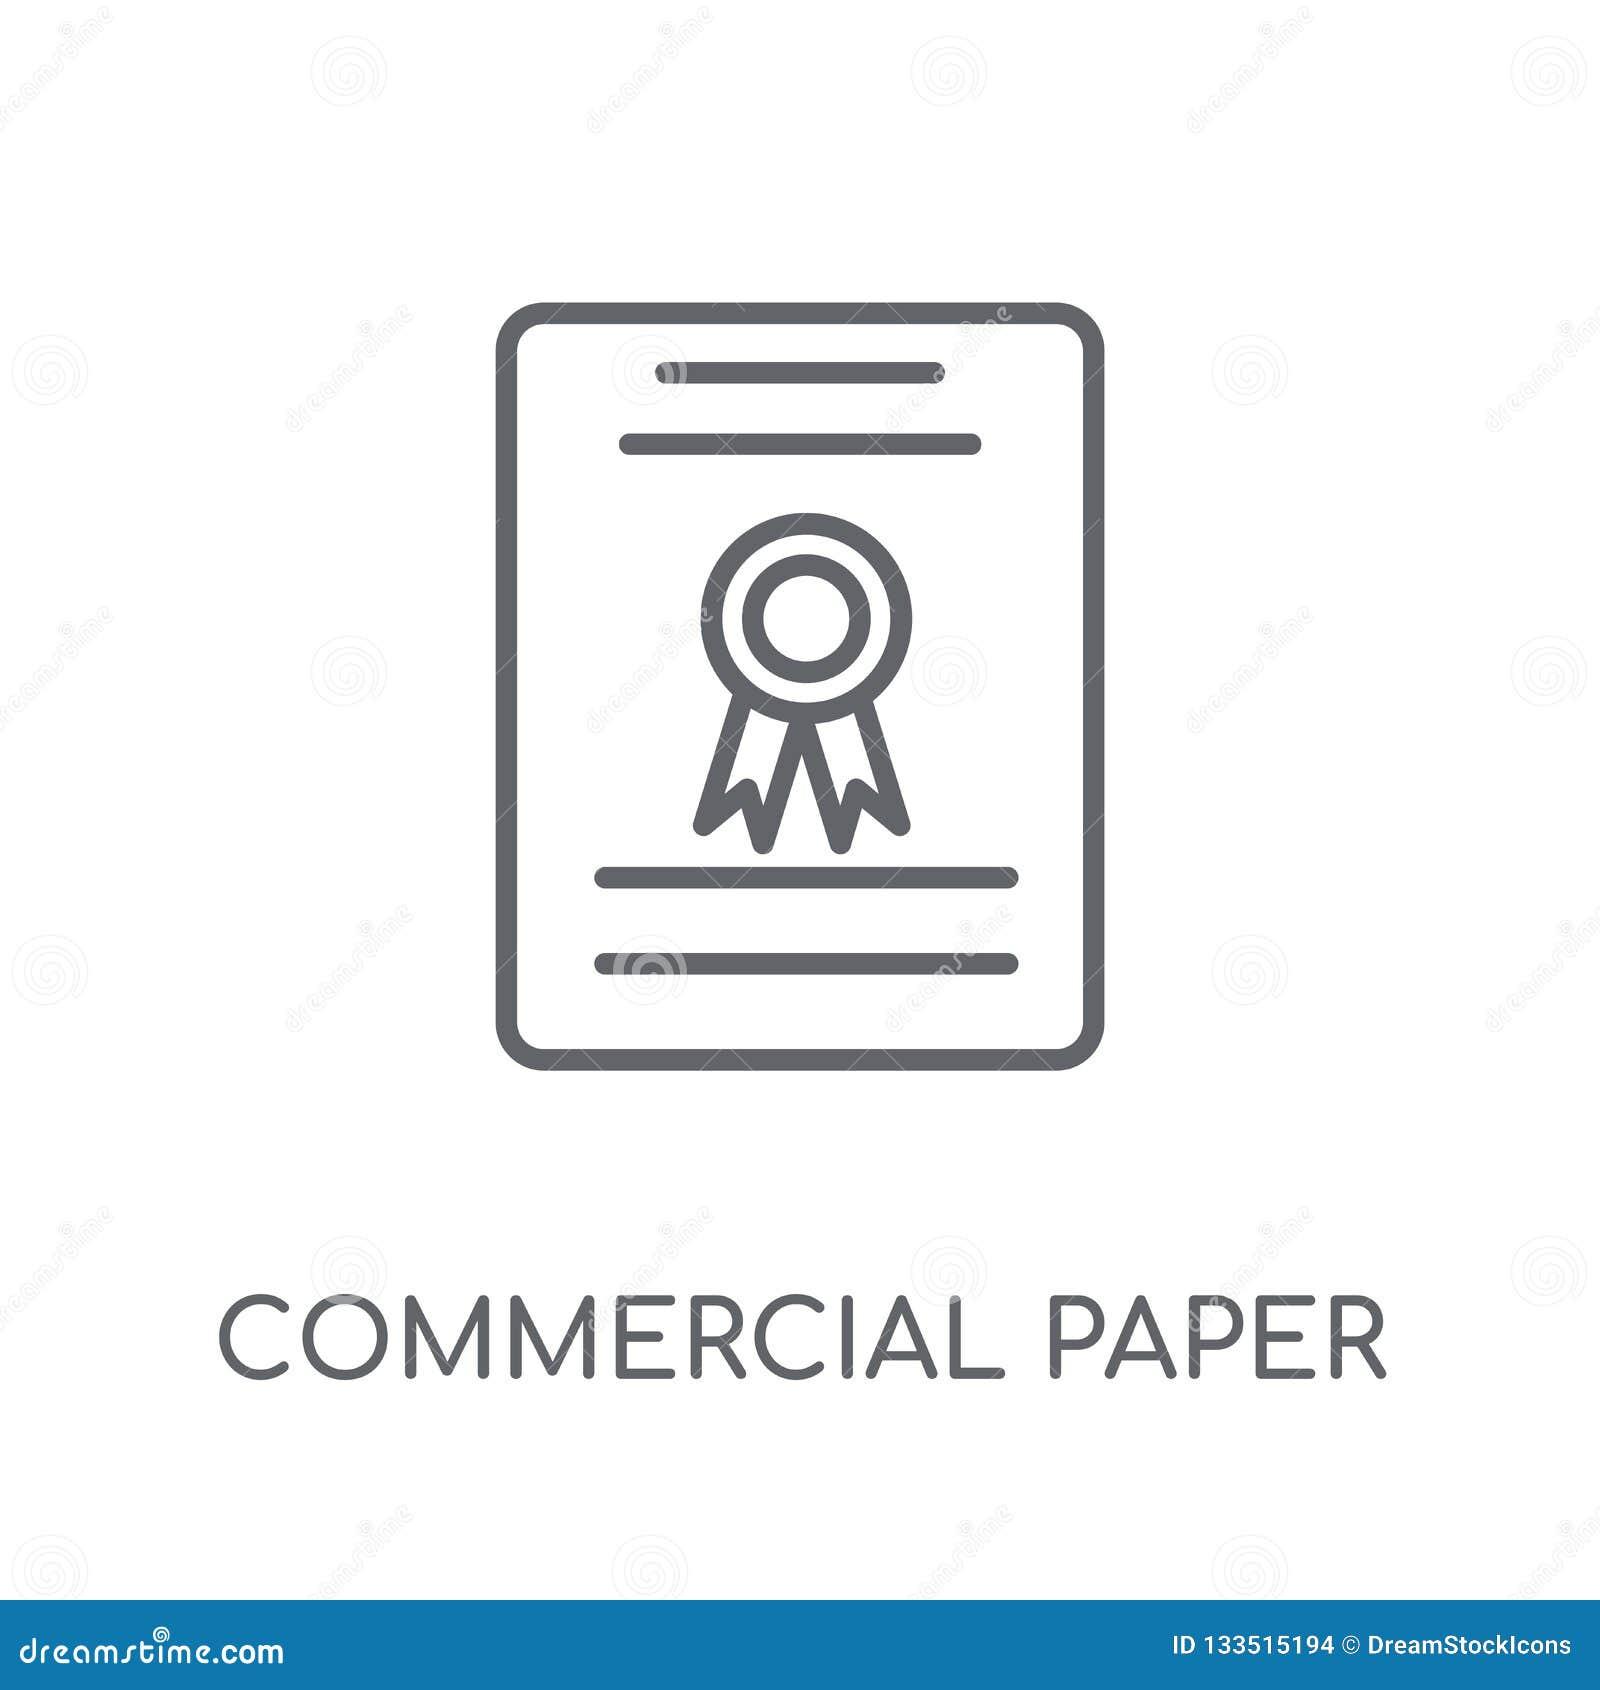 Handelspapier lineair pictogram Modern overzichts handelspapier lo